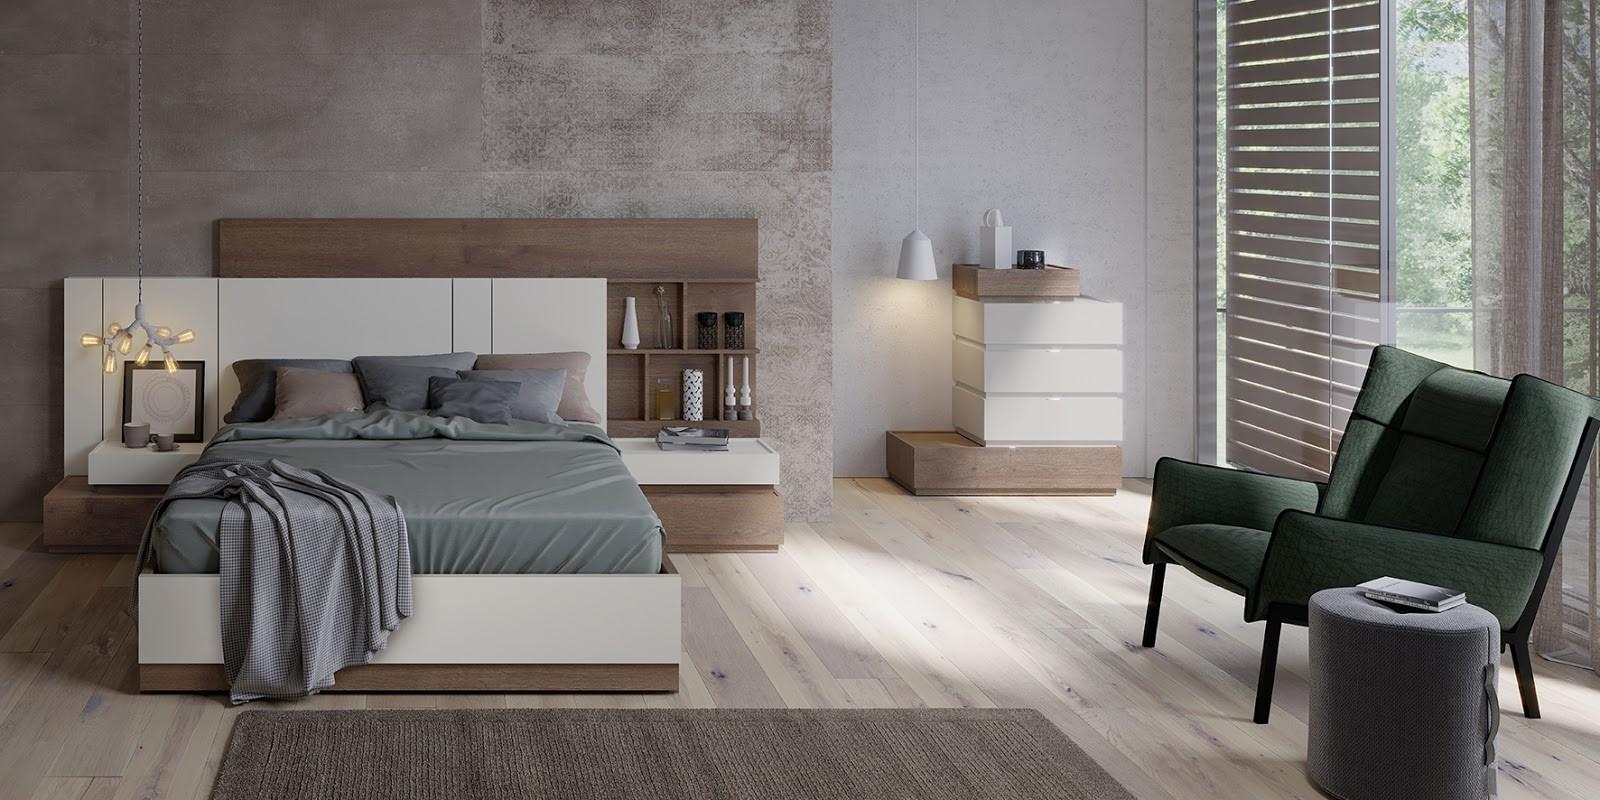 Muebles y decoración ideal para recibir las visitas o para descansar